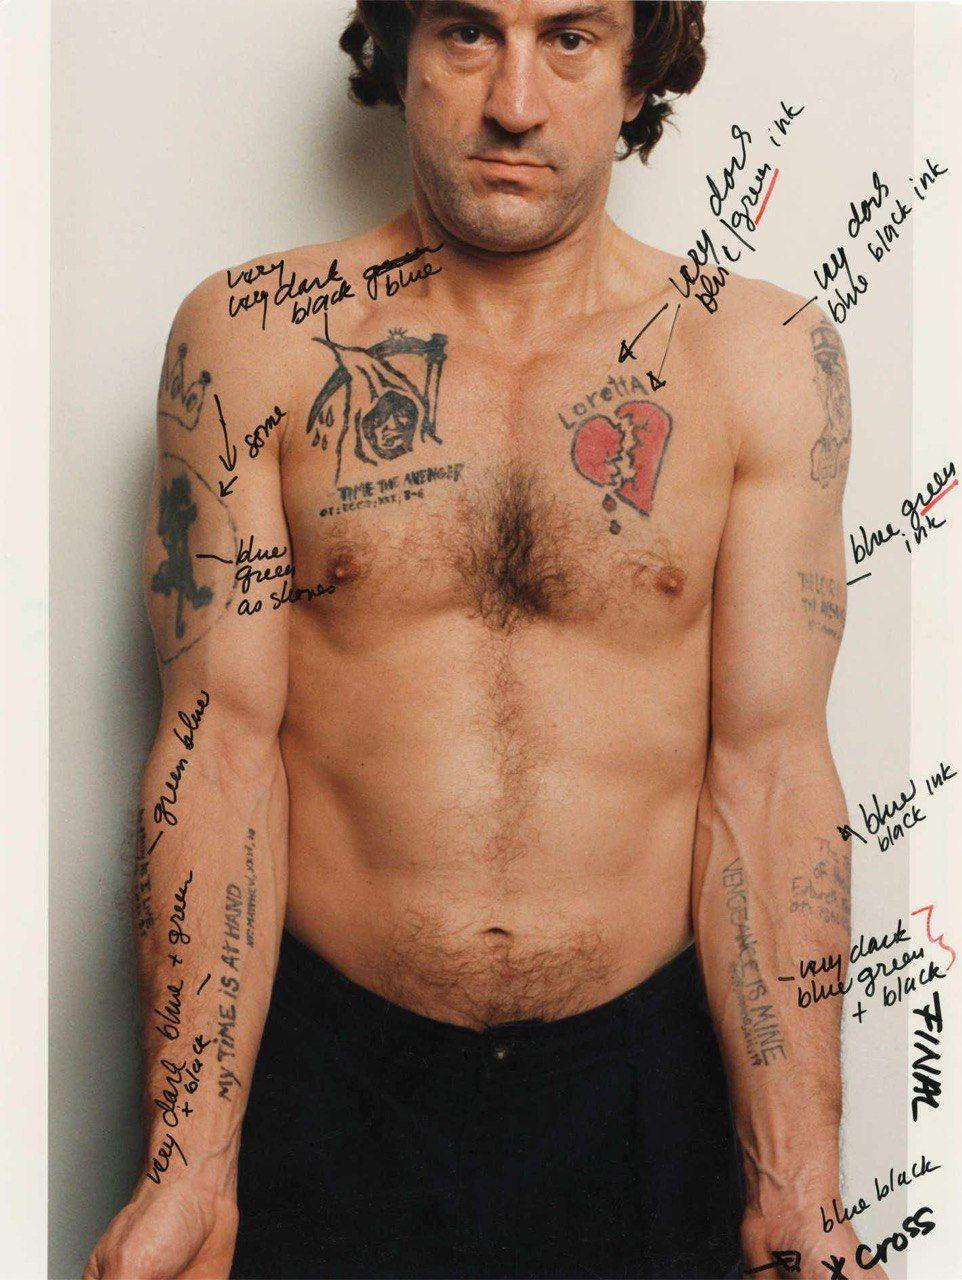 Татуировки, которые нарисовали де Ниро для роли Макса Кэйди в «Мысе страха» 1991 года. Комментарии, приписанные чёрной ручкой — уточнения режиссёра Мартина Скорсезе